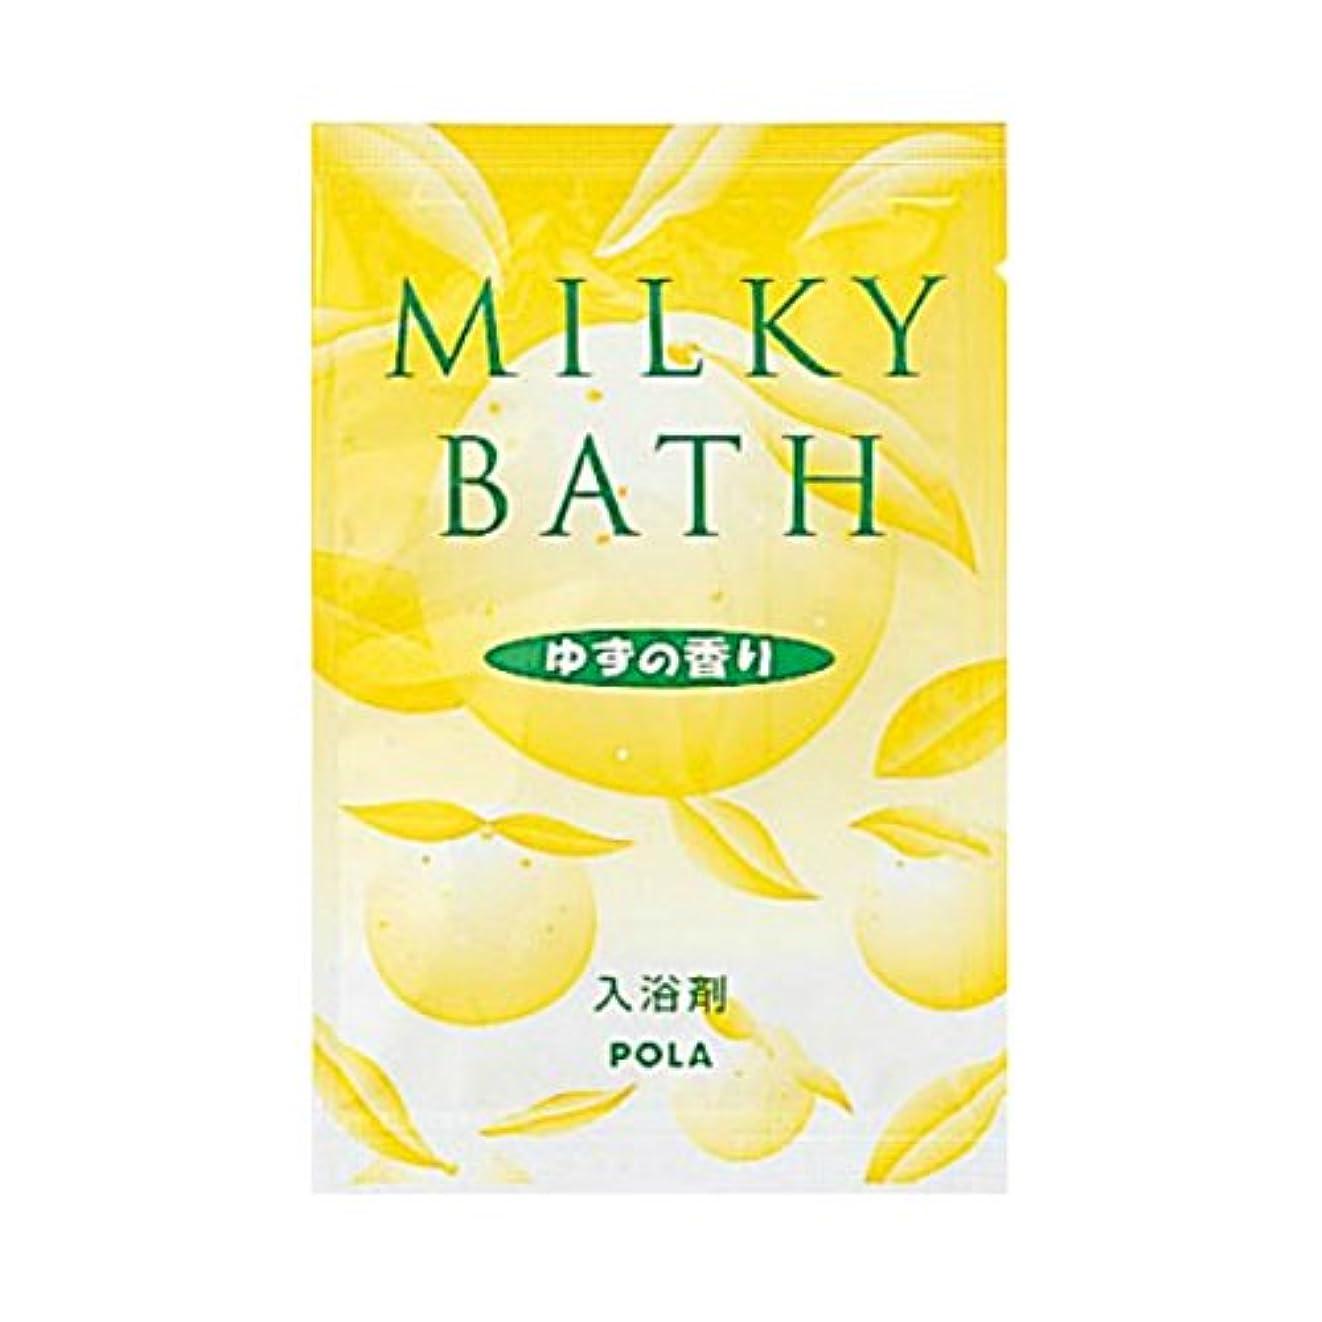 注目すべきかかわらず苦味POLA ポーラ アイエス ミルキィバス ゆずの香り<浴用化粧品> 18mL×100包